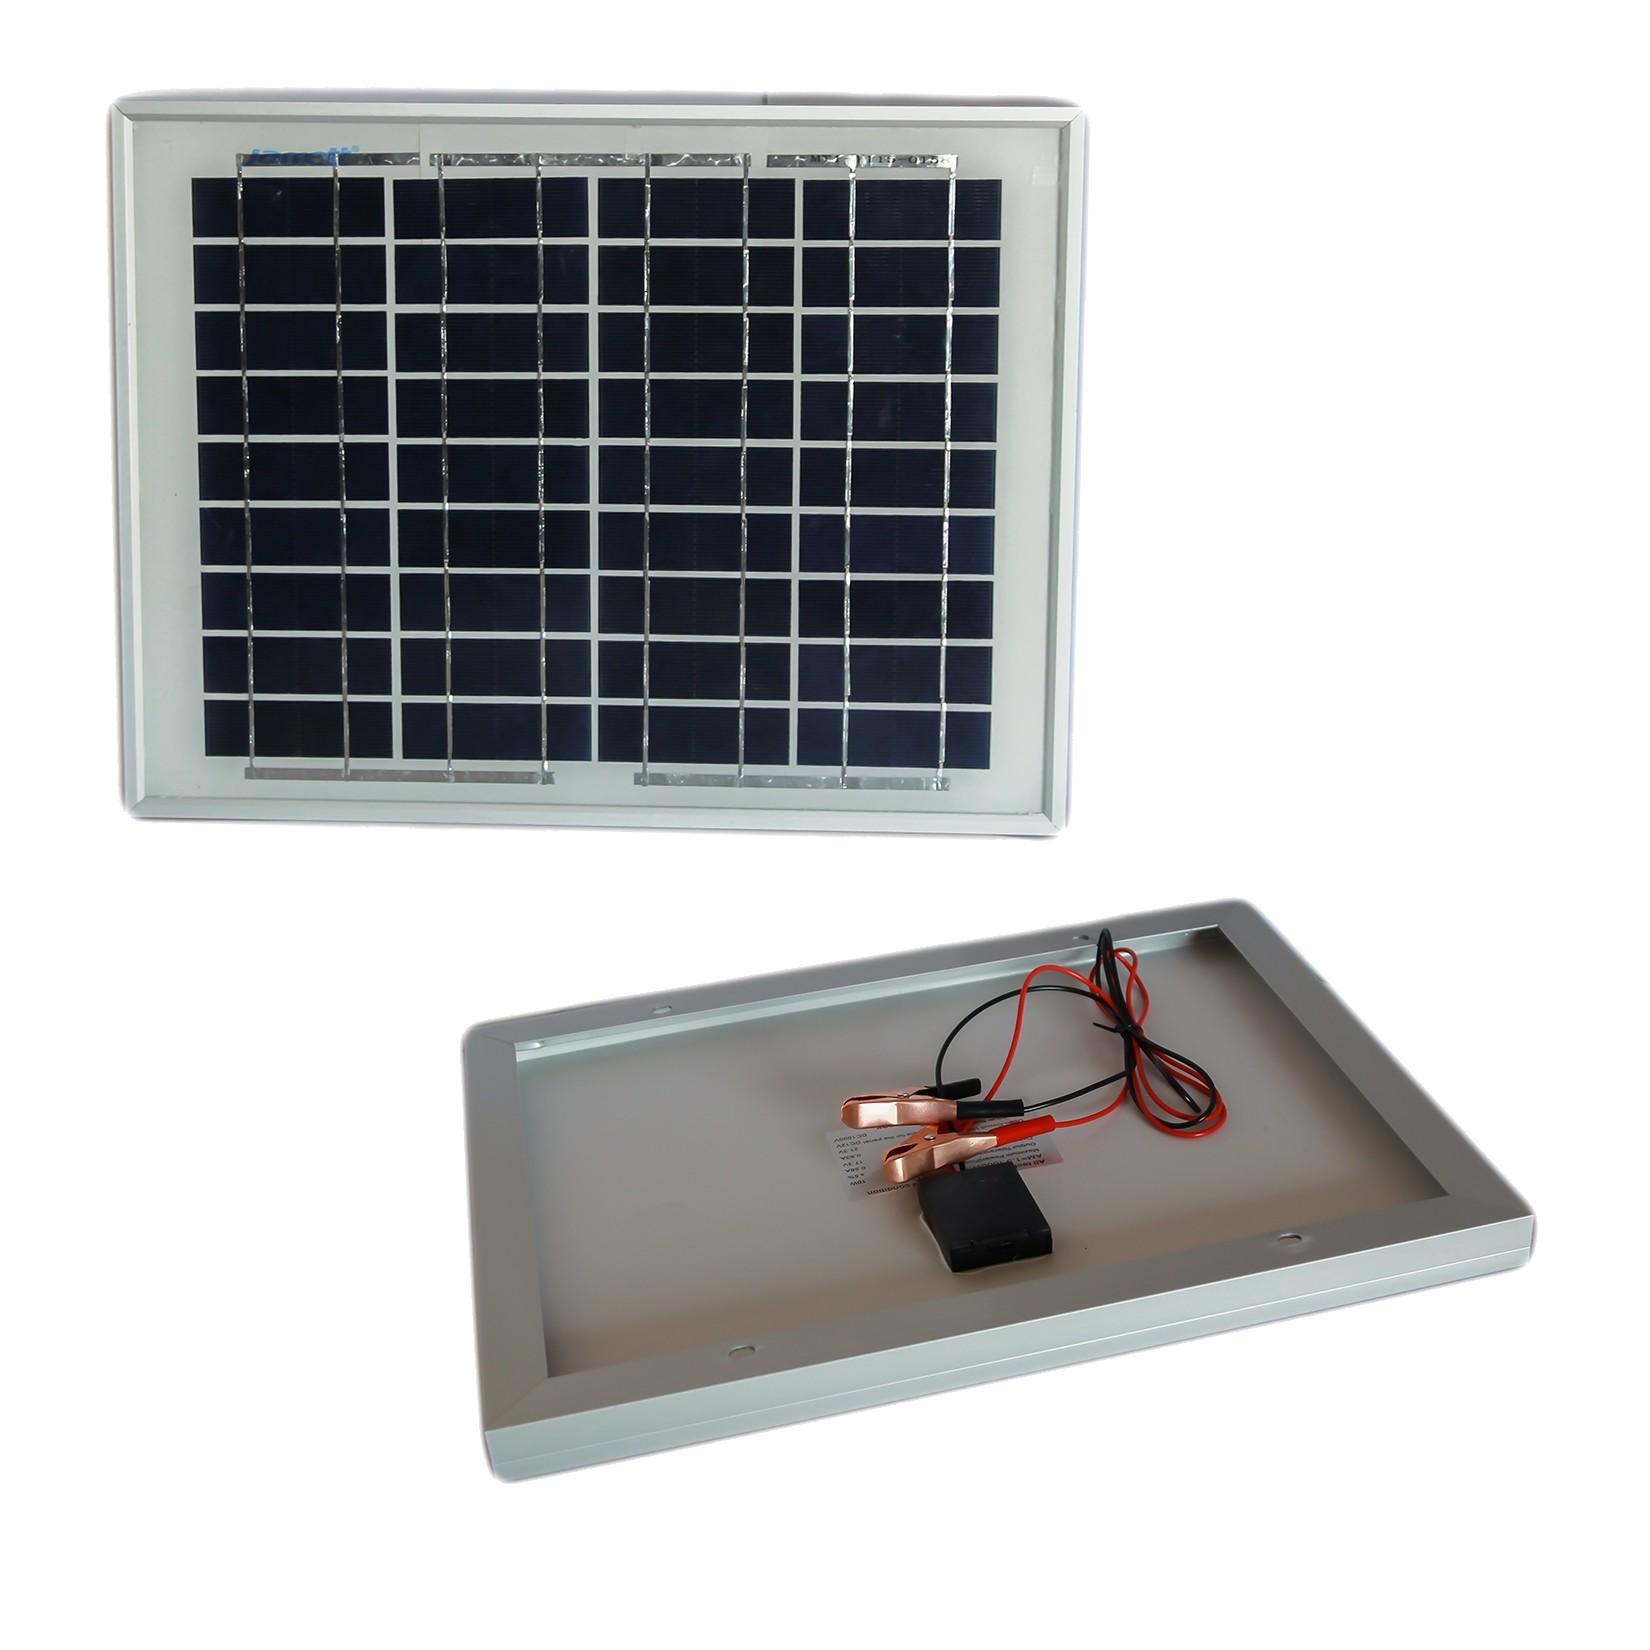 Pannello Solare Solcrafte Recensioni : Pannello solare modulo fotovoltaico w watt v celle